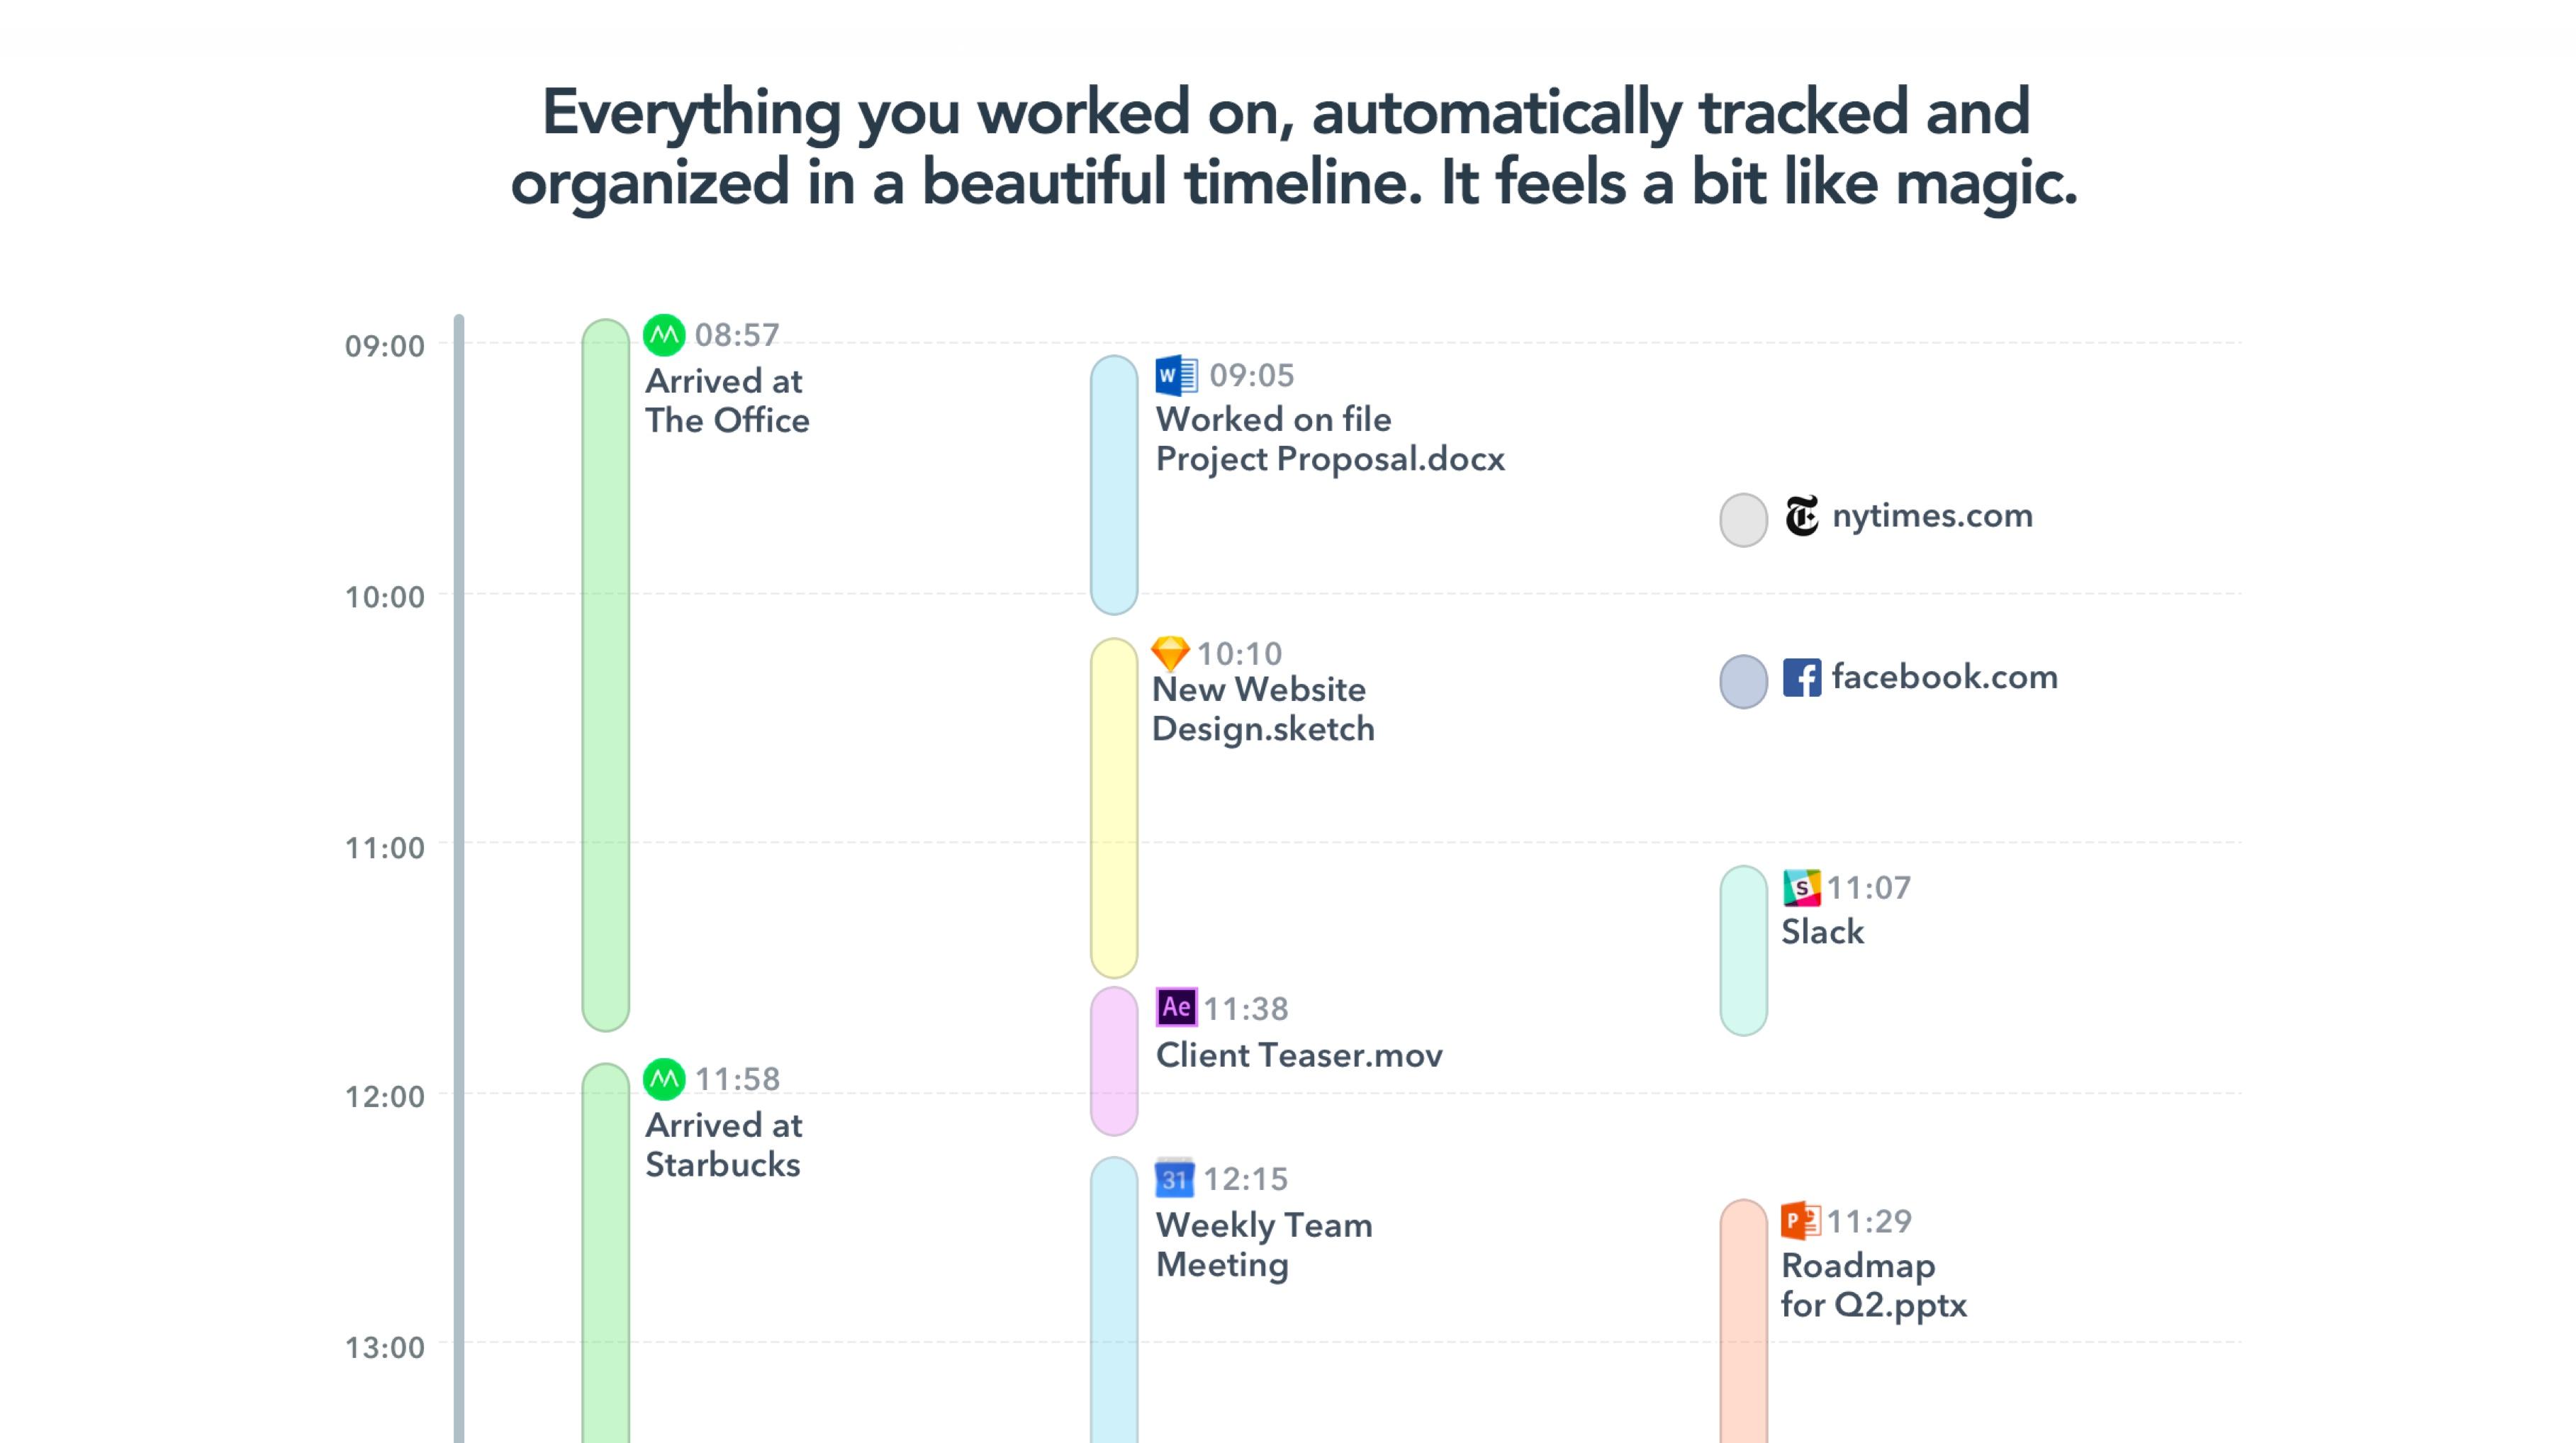 Timely utvider nå funksjonaliteten til å inkludere en automatisk tidslinje som følger med på alt du jobber med på maskinen. Beta-en er klar allerede nå.